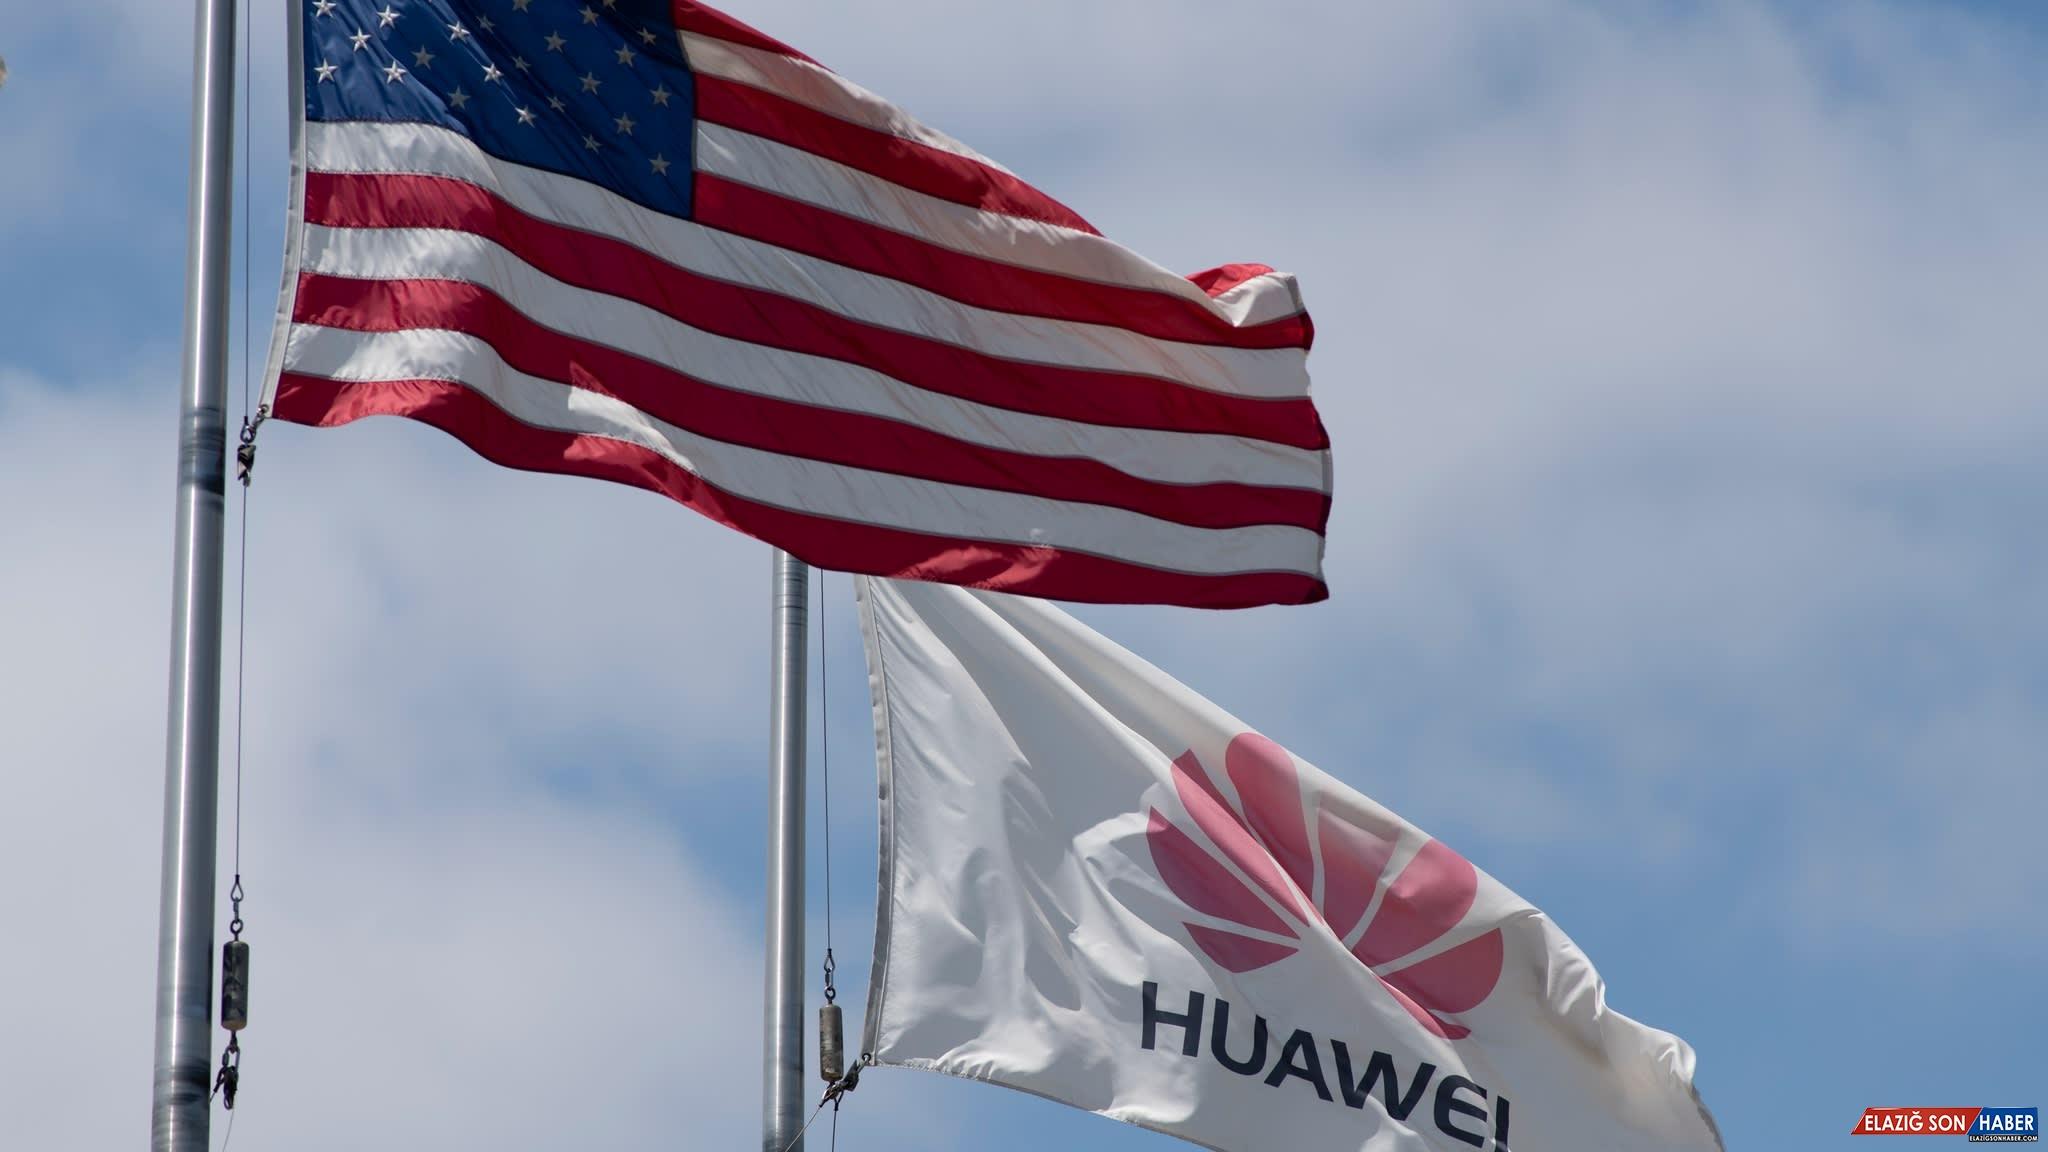 Huawei CEO'sundan 'Hodri Meydan' Temalı Açıklama: ABD ile Çatışmaya Hazırız